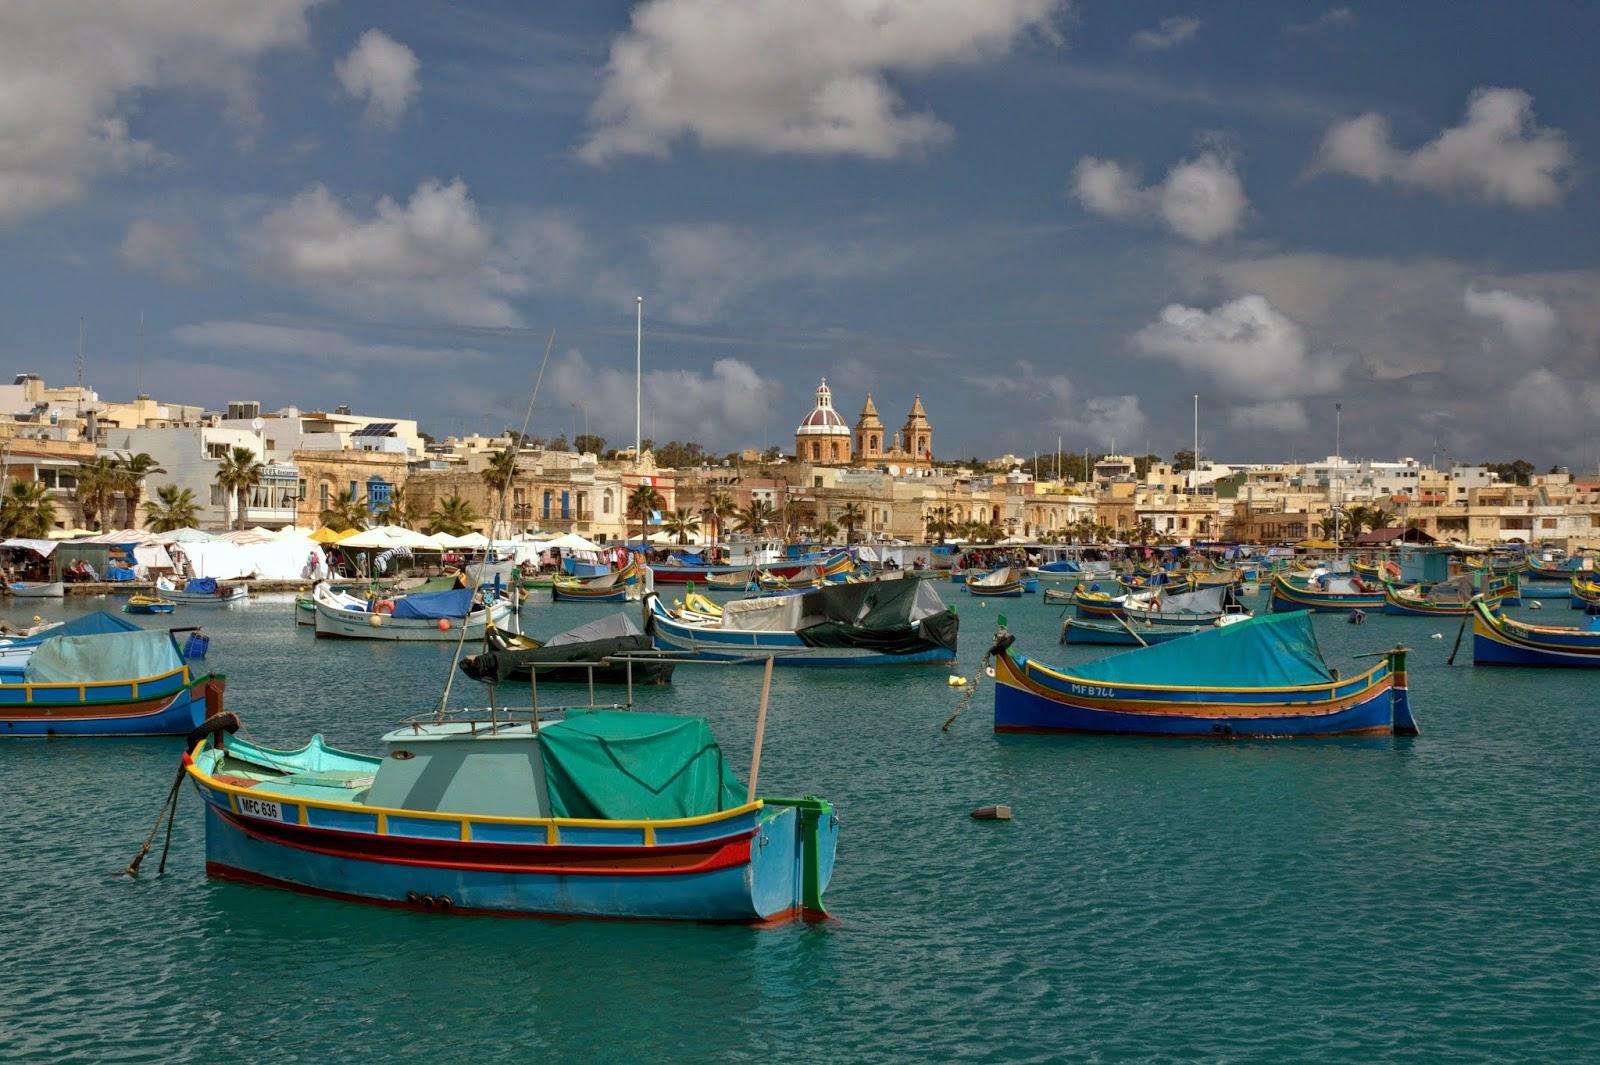 urocze zakątki na Malcie, które trzeba zobaczyć?